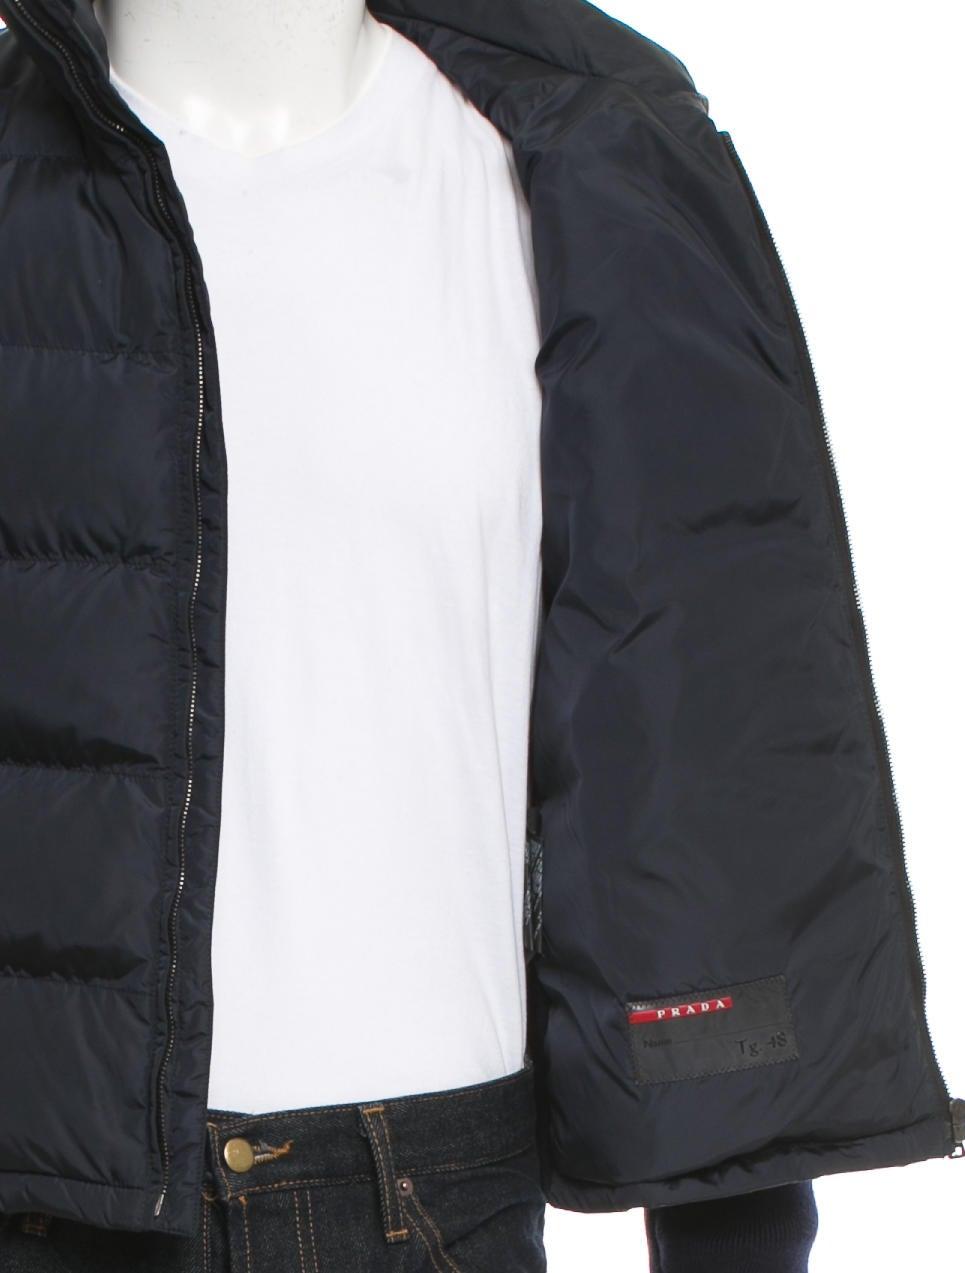 Prada Sport Wool Quilted Jacket Clothing Wpr41458